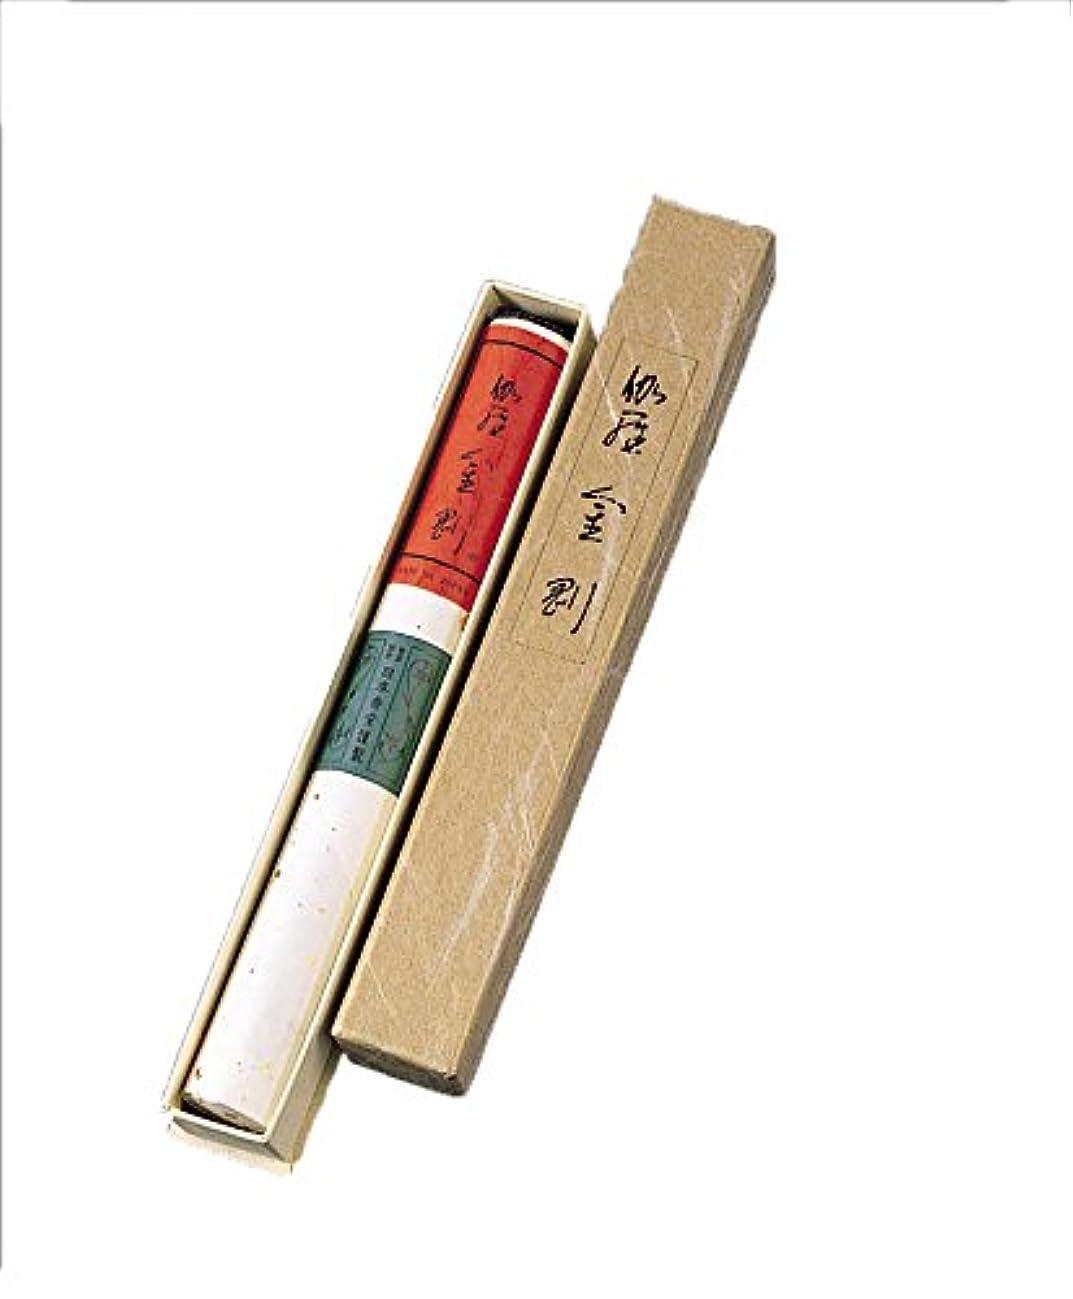 サイト赤面悪意のあるNippon Kodo?–?Kyara Kongo?–?選択したAloeswood Long Stick Incense 100?Sticks